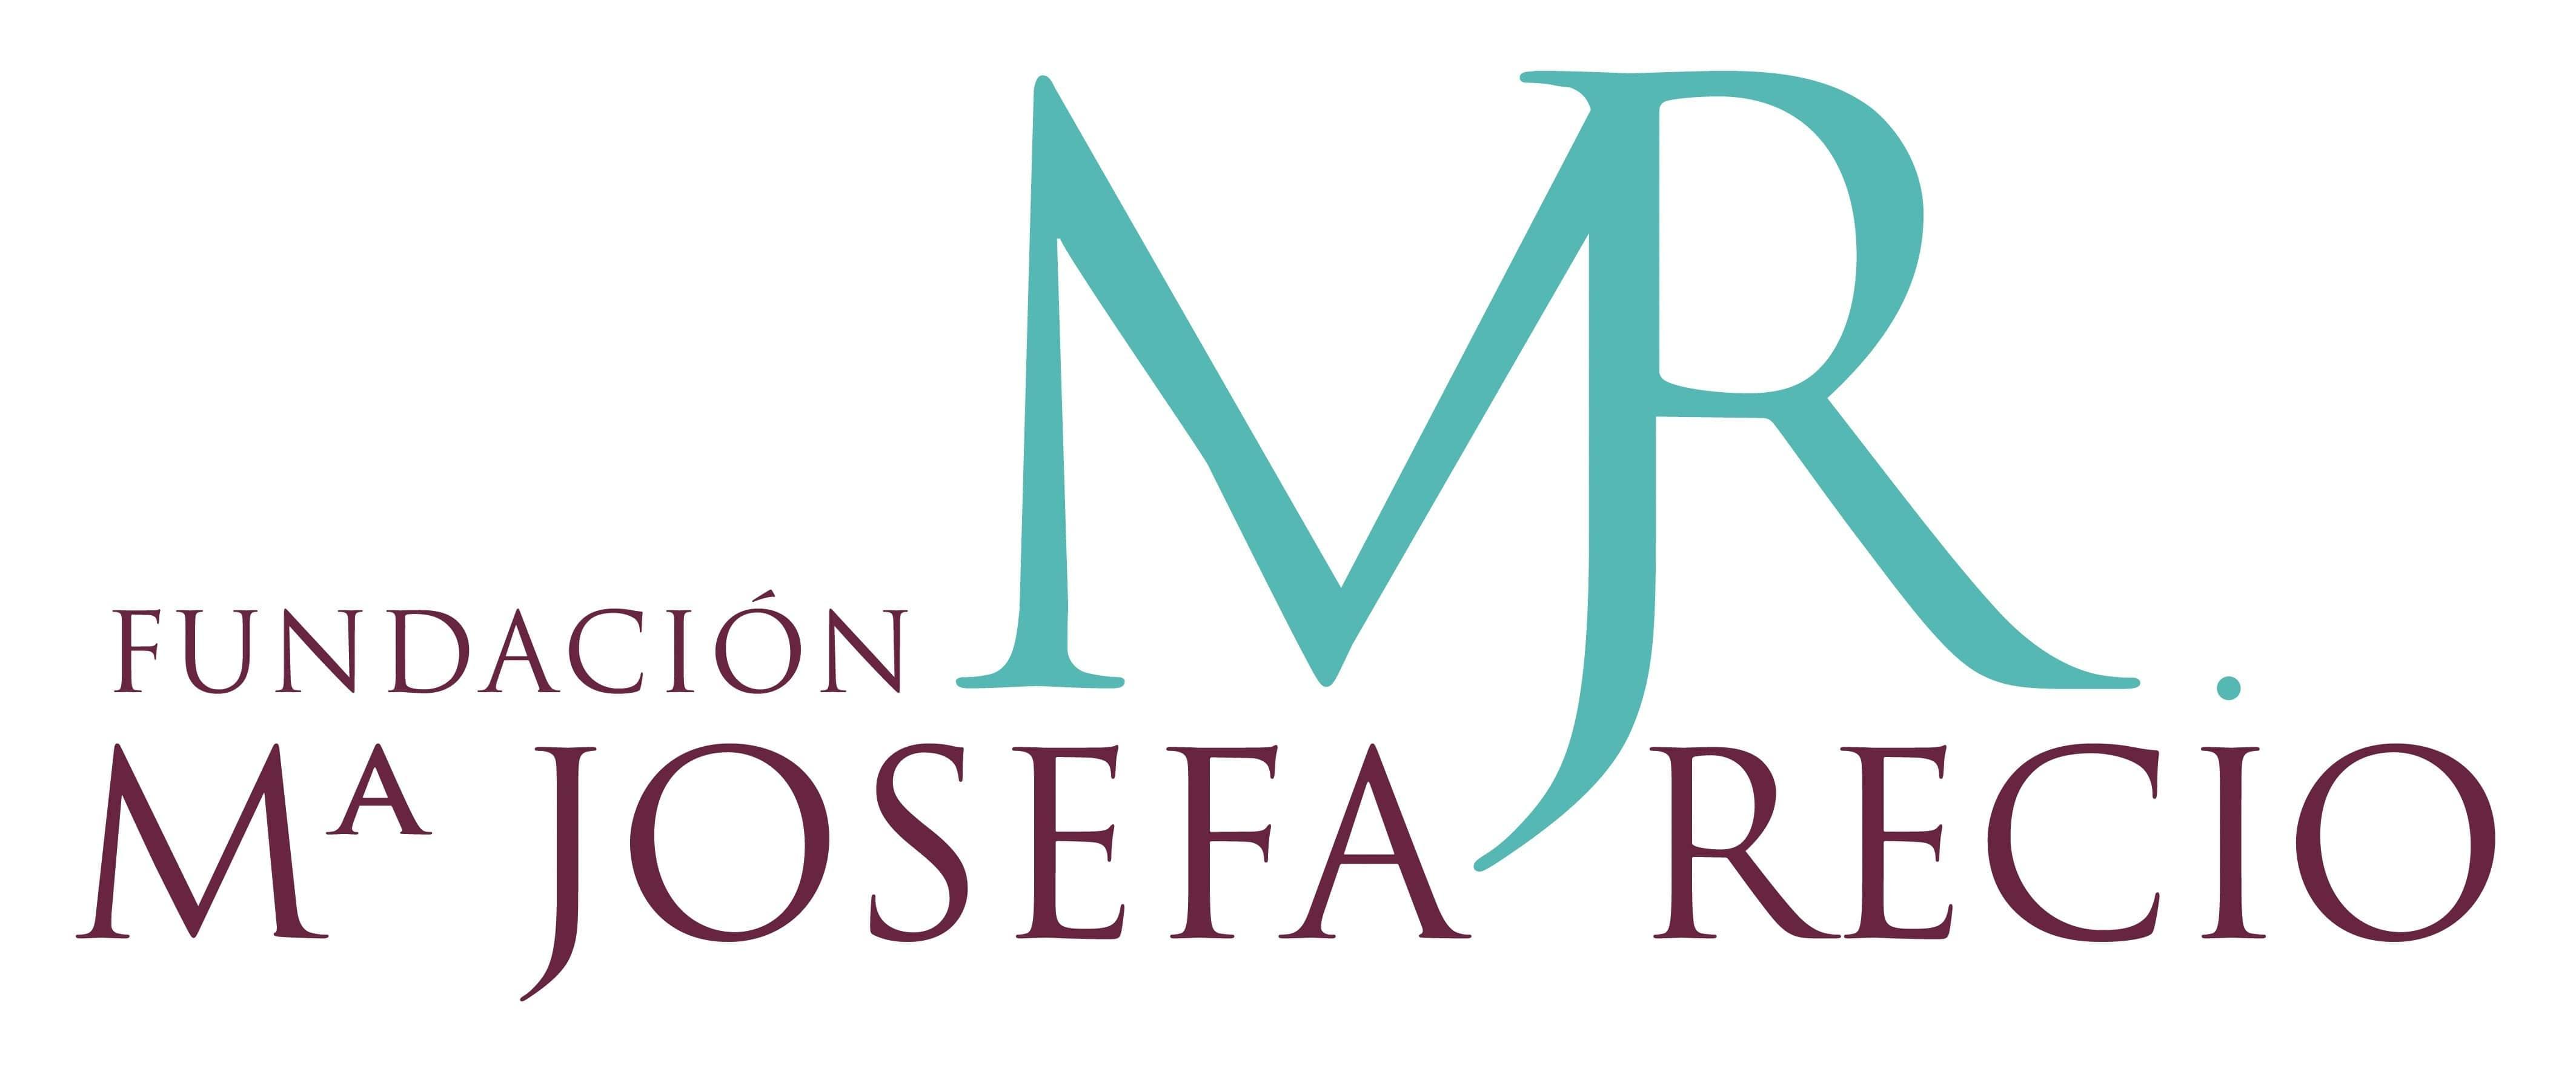 Fundación Josefa Recio